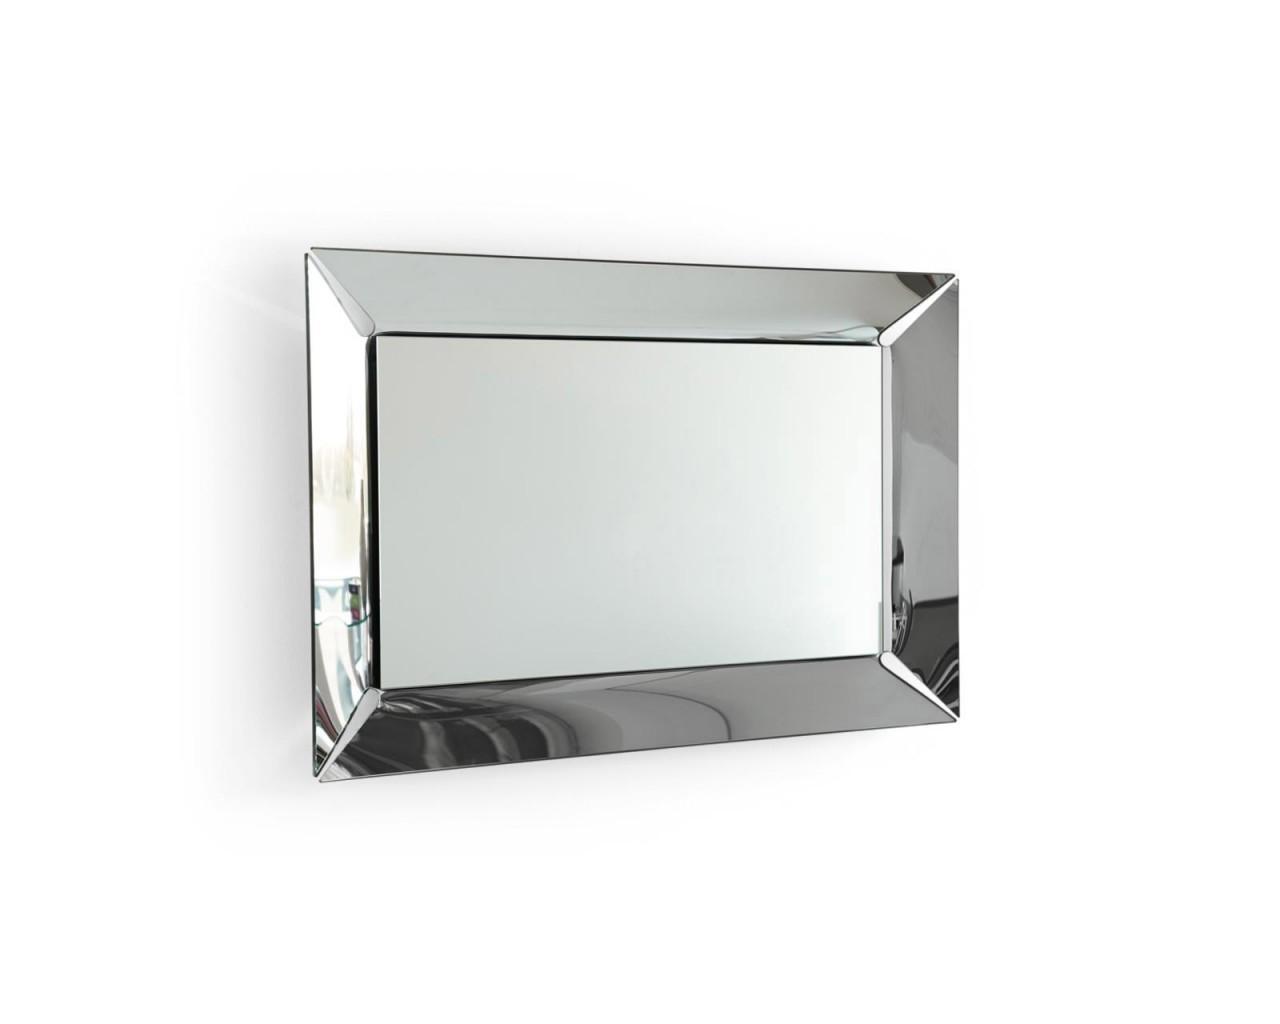 Pleasure specchio complementi d 39 arredo torino for Complementi d arredo torino